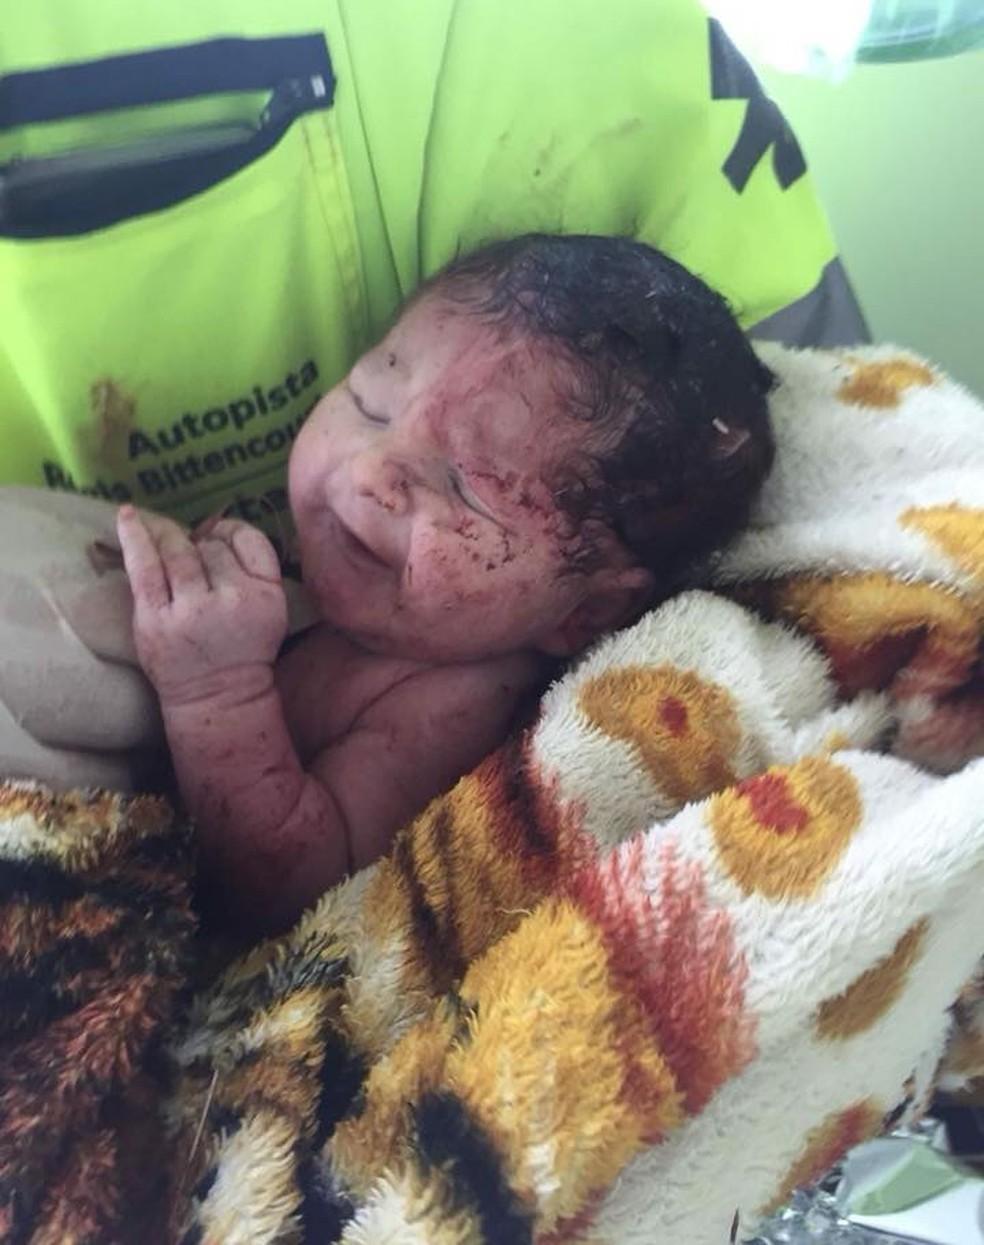 Bebê nasceu após acidente na Rodovia Régis Bittencourt, em Cajati (Foto: Divulgação/Arteris)